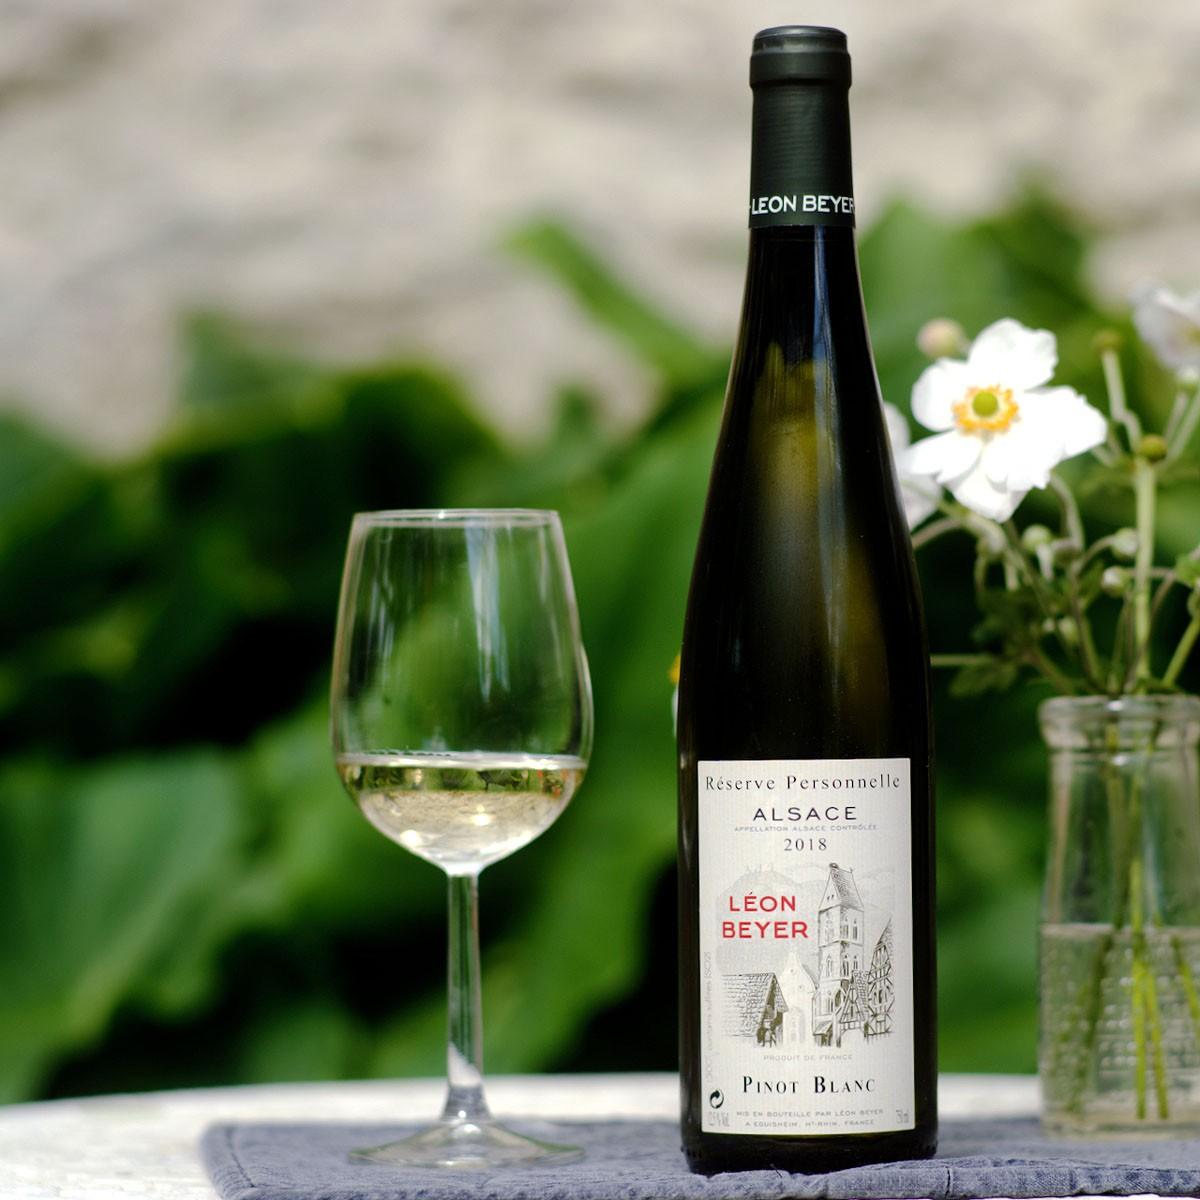 Alsace: Léon Beyer 'Réserve Personnelle' Pinot Blanc 2018 - Lifestyle